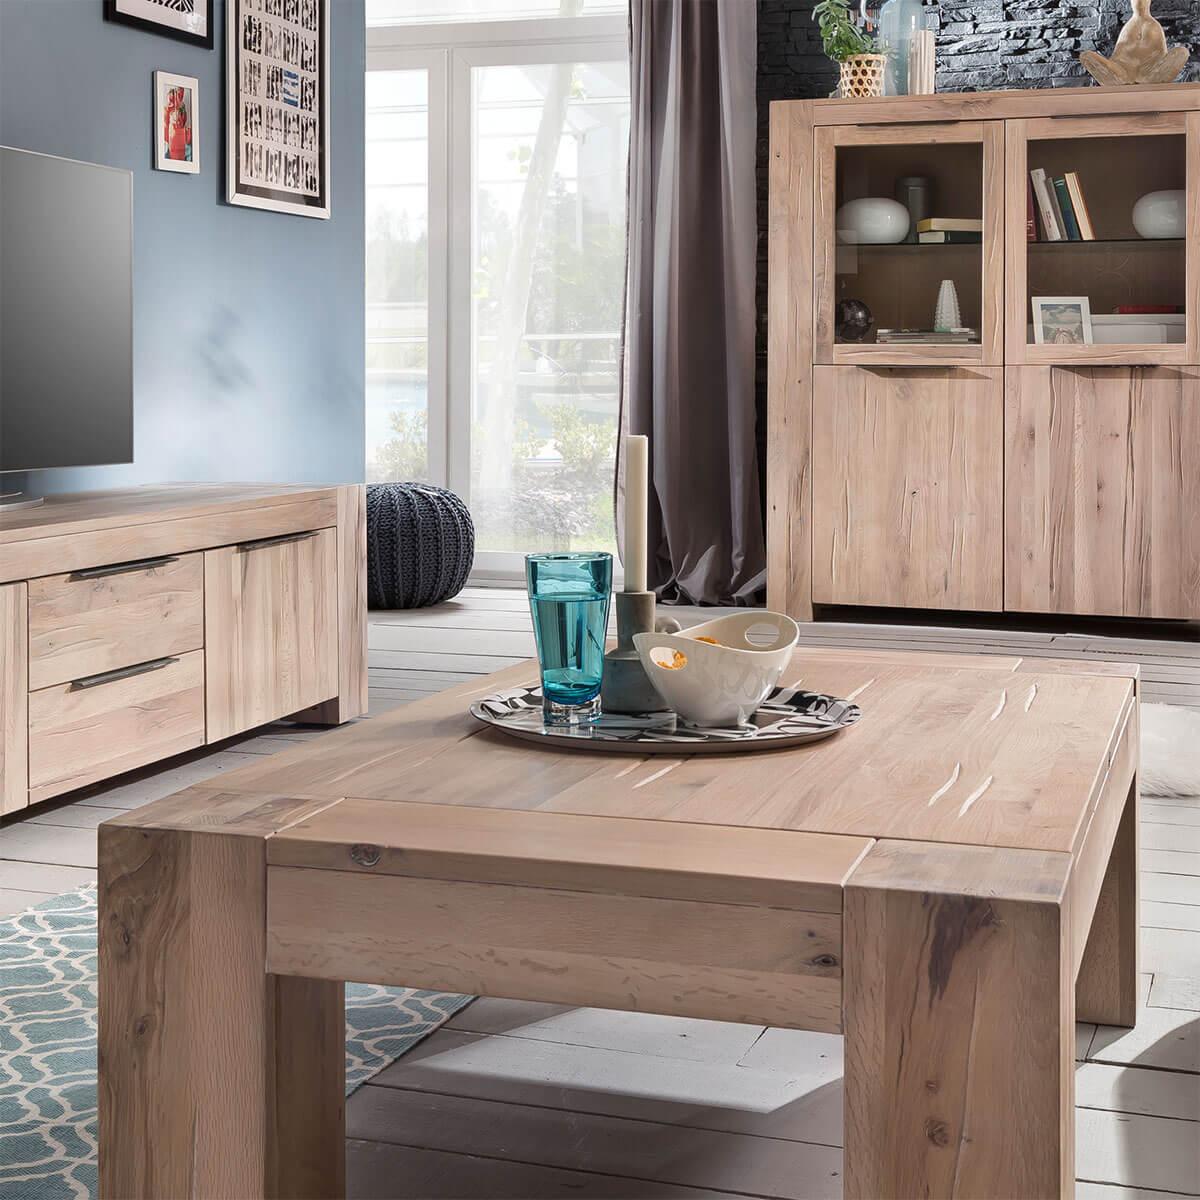 couchtisch eiche massiv 140 x 70 in eiche white wash balkeneiche wohnzimmertisch ebay. Black Bedroom Furniture Sets. Home Design Ideas